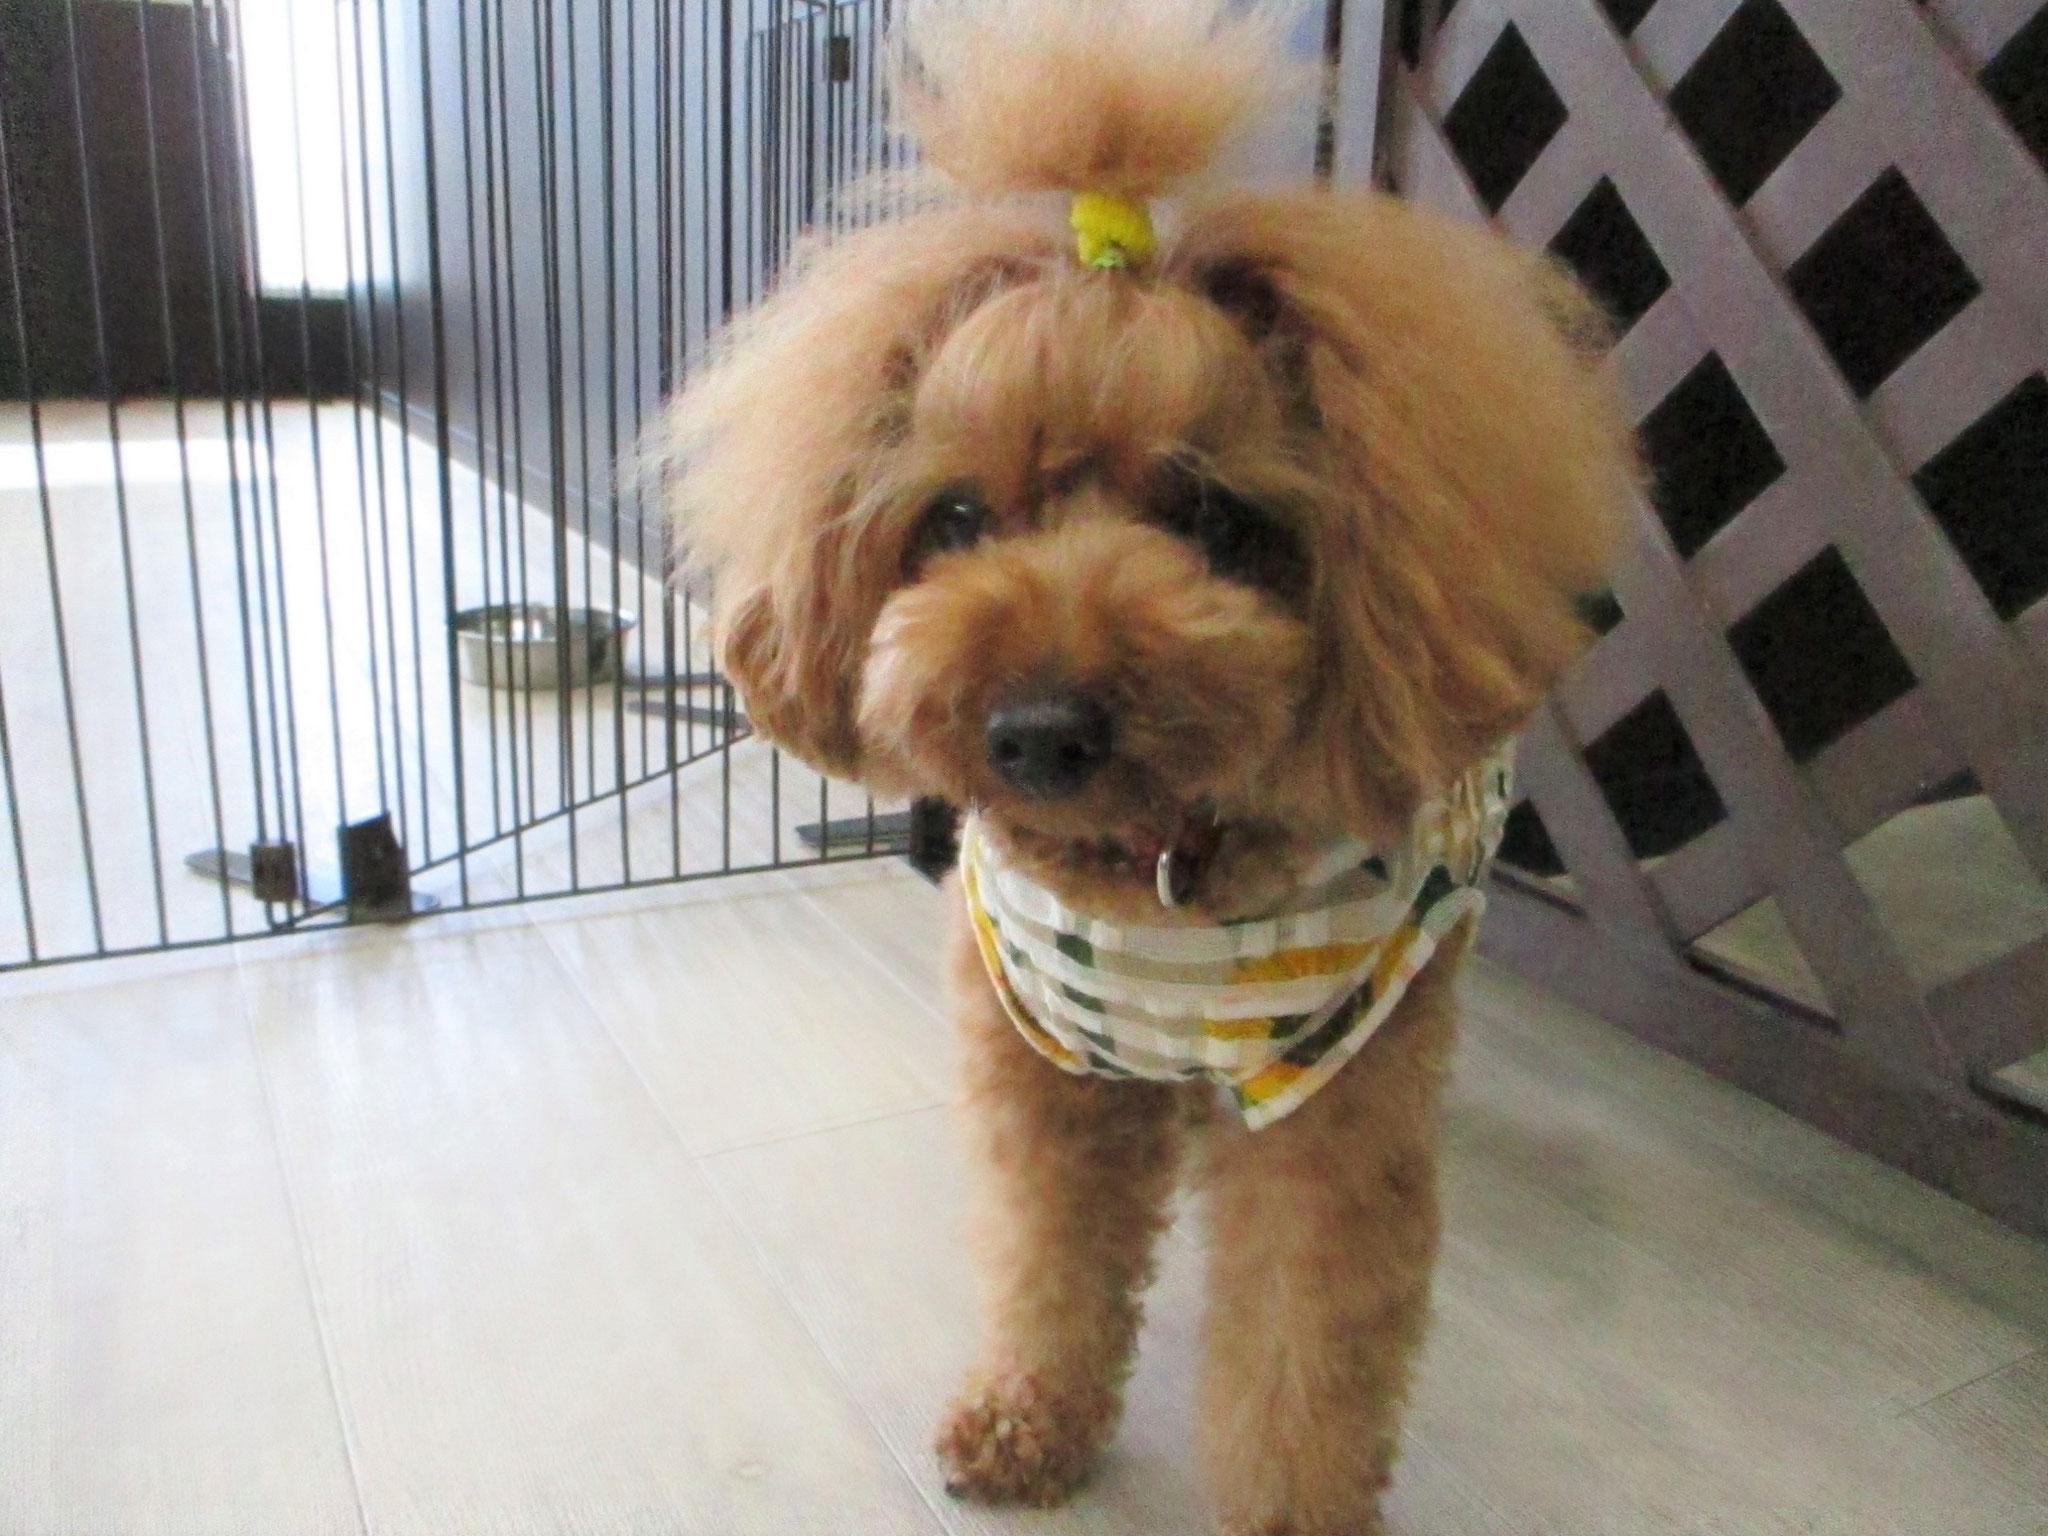 こむぎ(むぎ)ちゃん・犬の保育園Baby・犬・犬のしつけ・犬の社会化